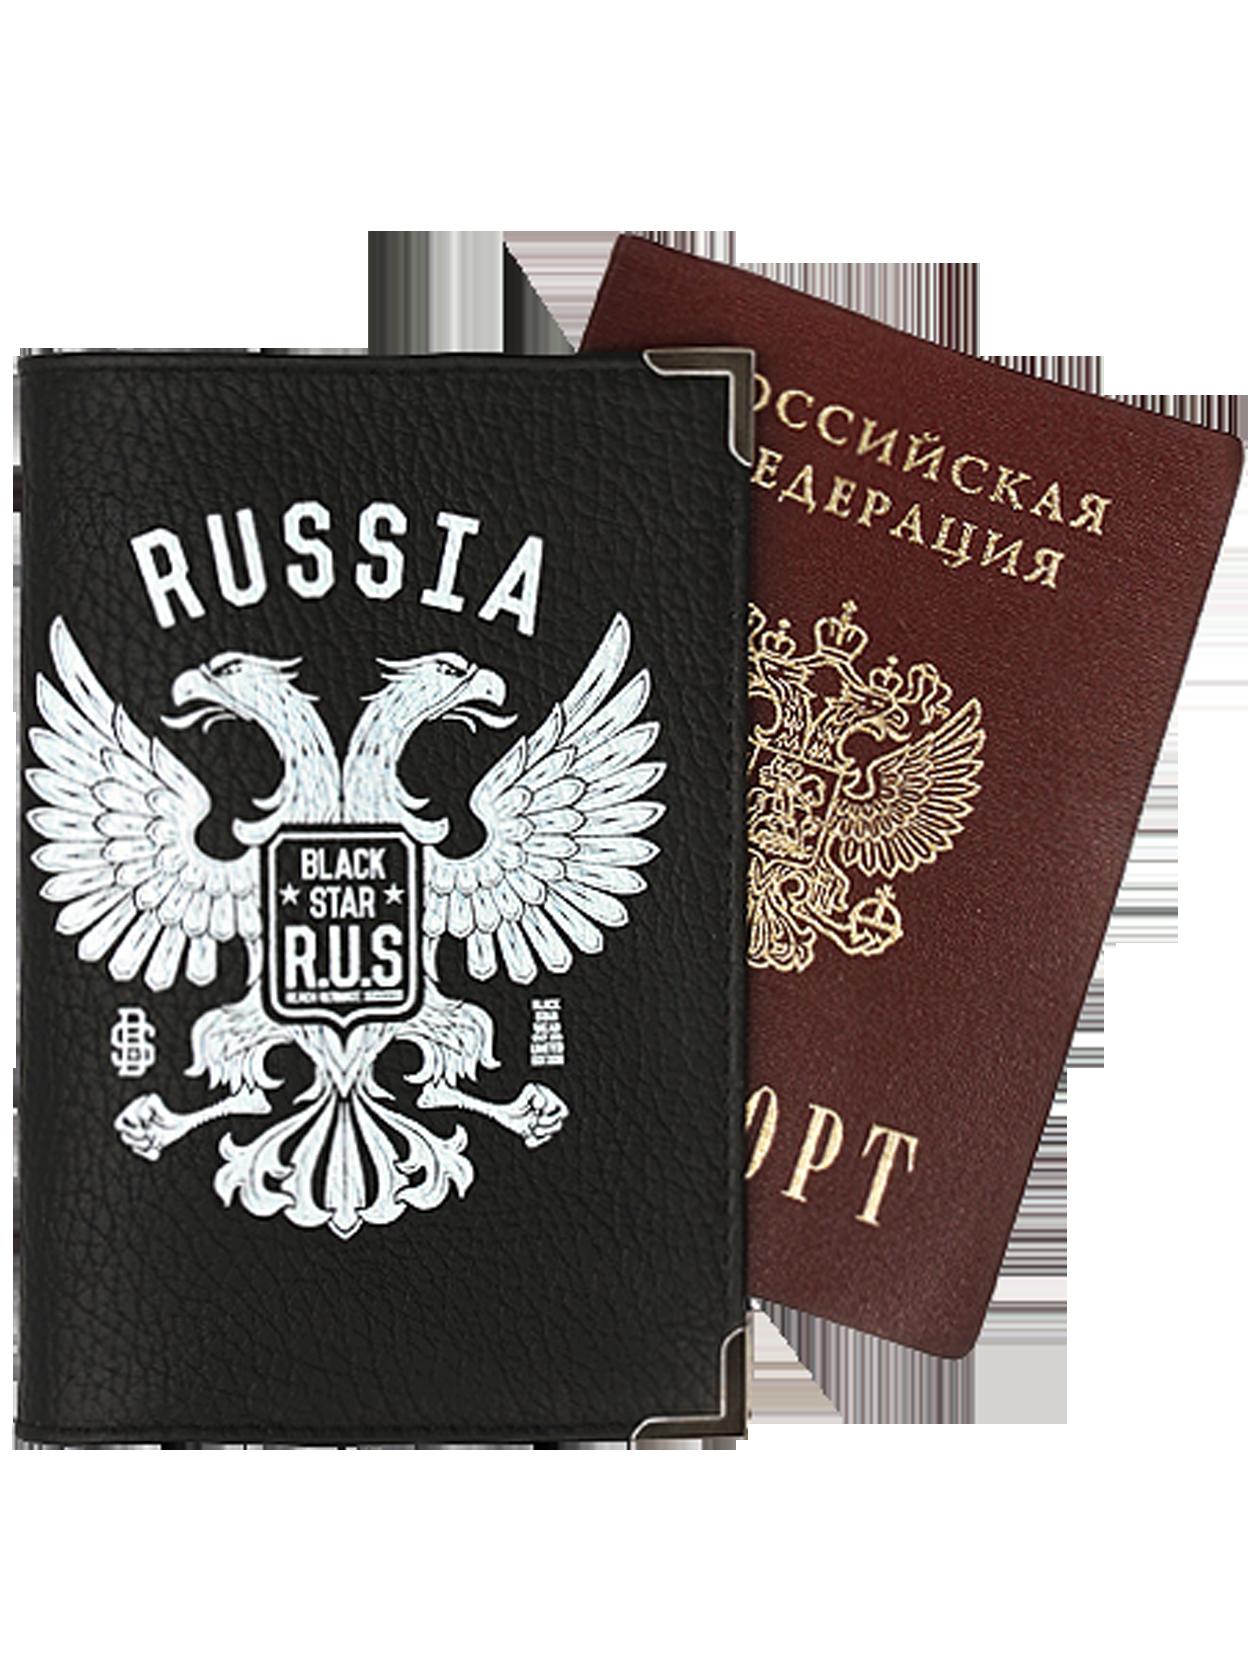 Обложка для паспорта GERBКожаная текстурная обложка для паспорта от Black Star Wear. Белый двуглавый орёл на лицевой стороне, железные уголки. Надёжный аксессуар, который защитит ваши документы от внешнего воздействия.<br><br>Размер: Единый размер<br>Цвет: Черный<br>Пол: Унисекс